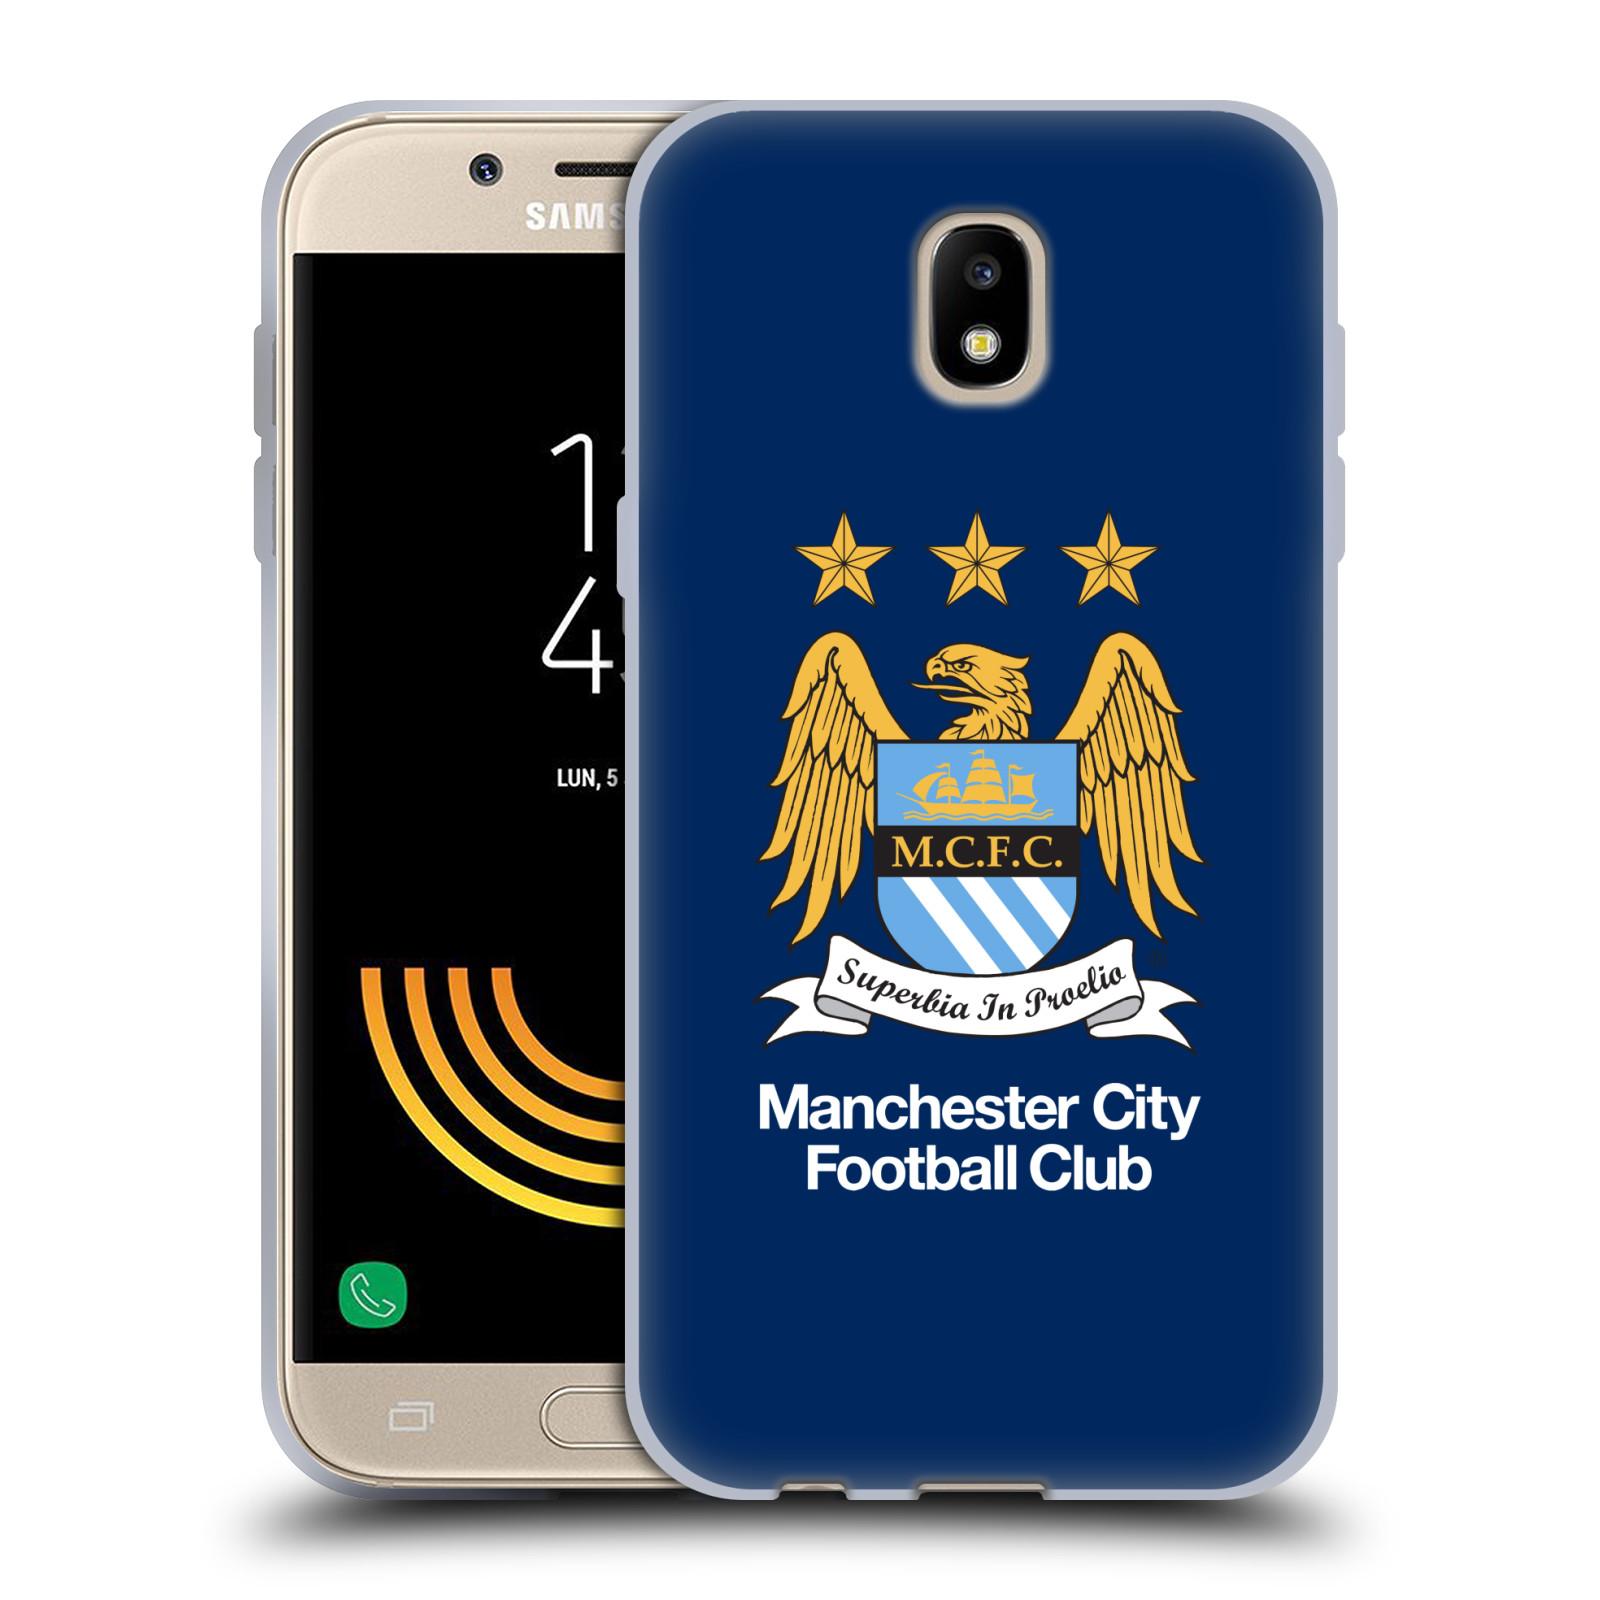 HEAD CASE silikonový obal na mobil Samsung Galaxy J5 2017 Fotbalový klub Manchester City modré pozadí velký znak